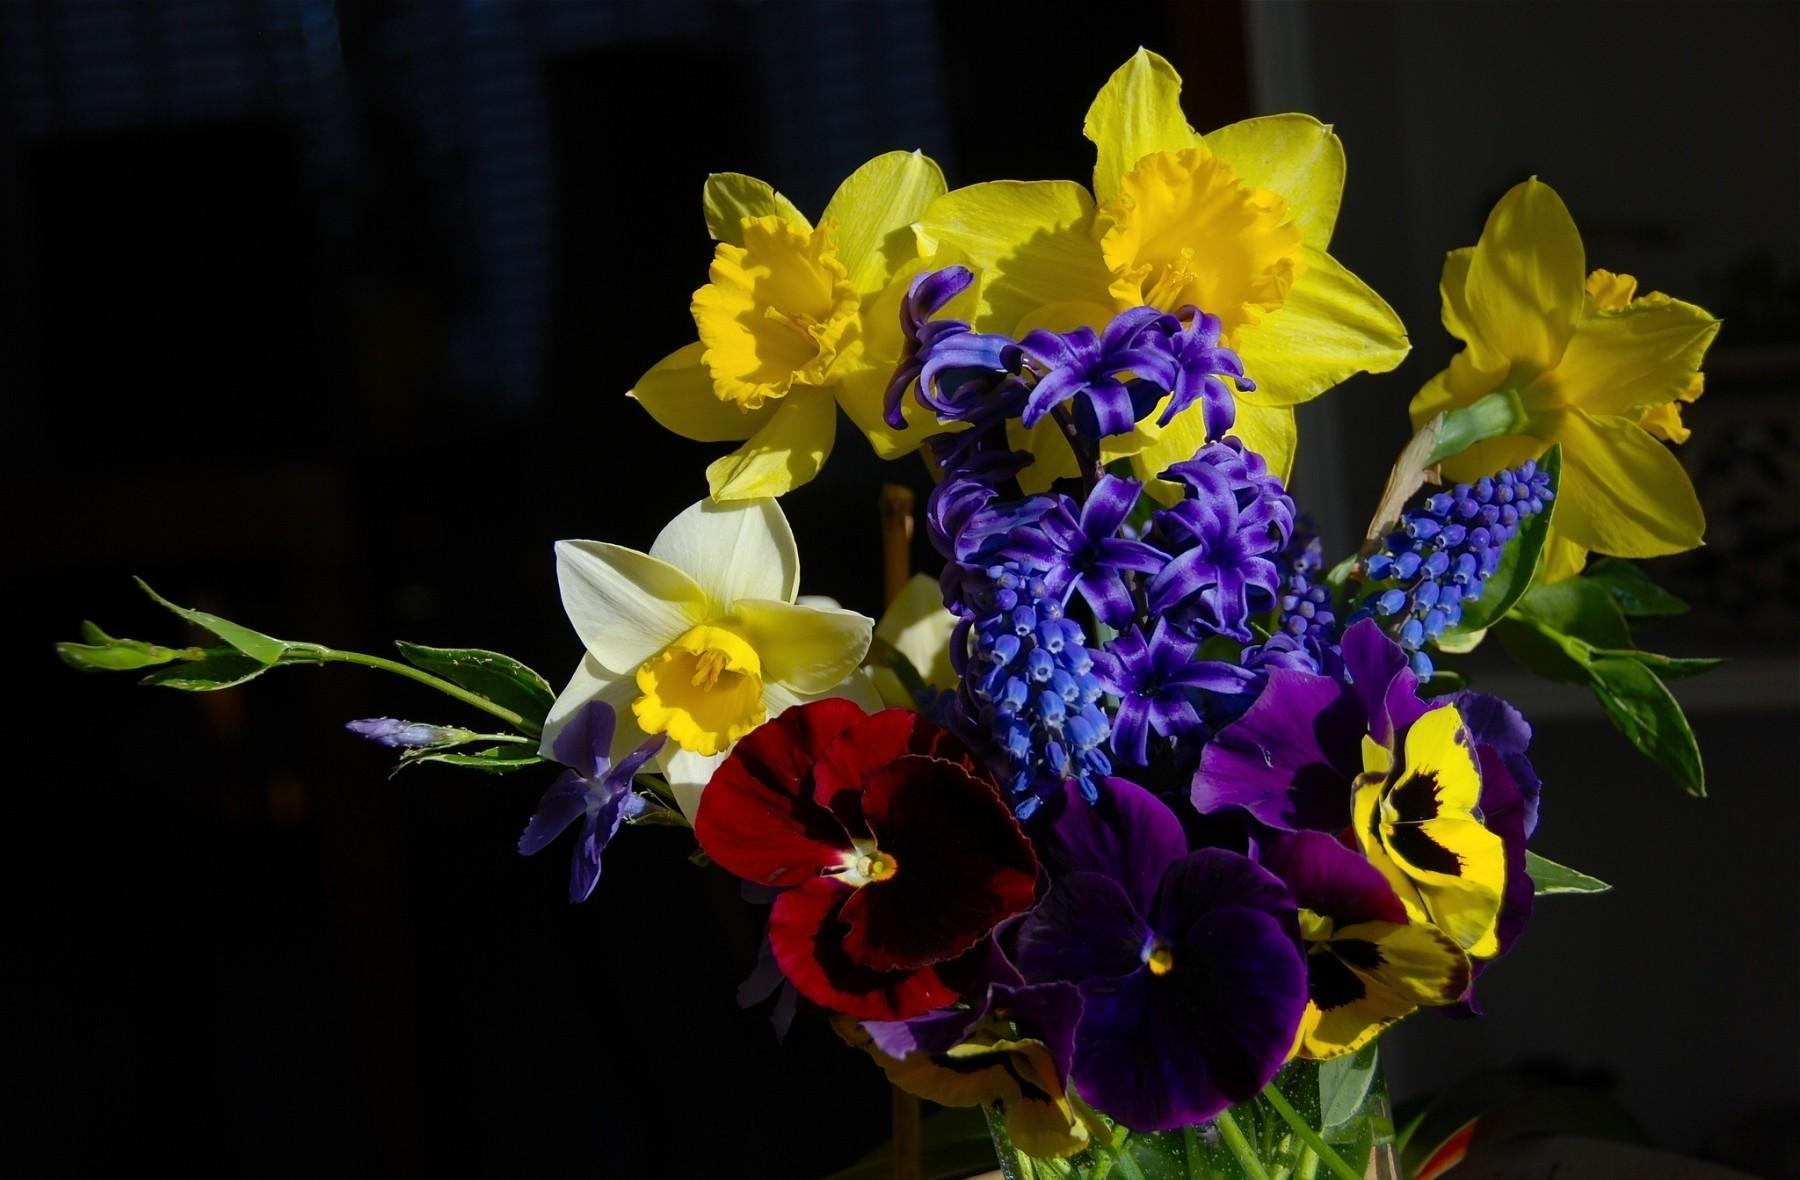 156637 Заставки и Обои Нарциссы на телефон. Скачать Цветы, Анютины Глазки, Нарциссы, Гиацинт, Зелень, Букет, Композиция, Мускари картинки бесплатно